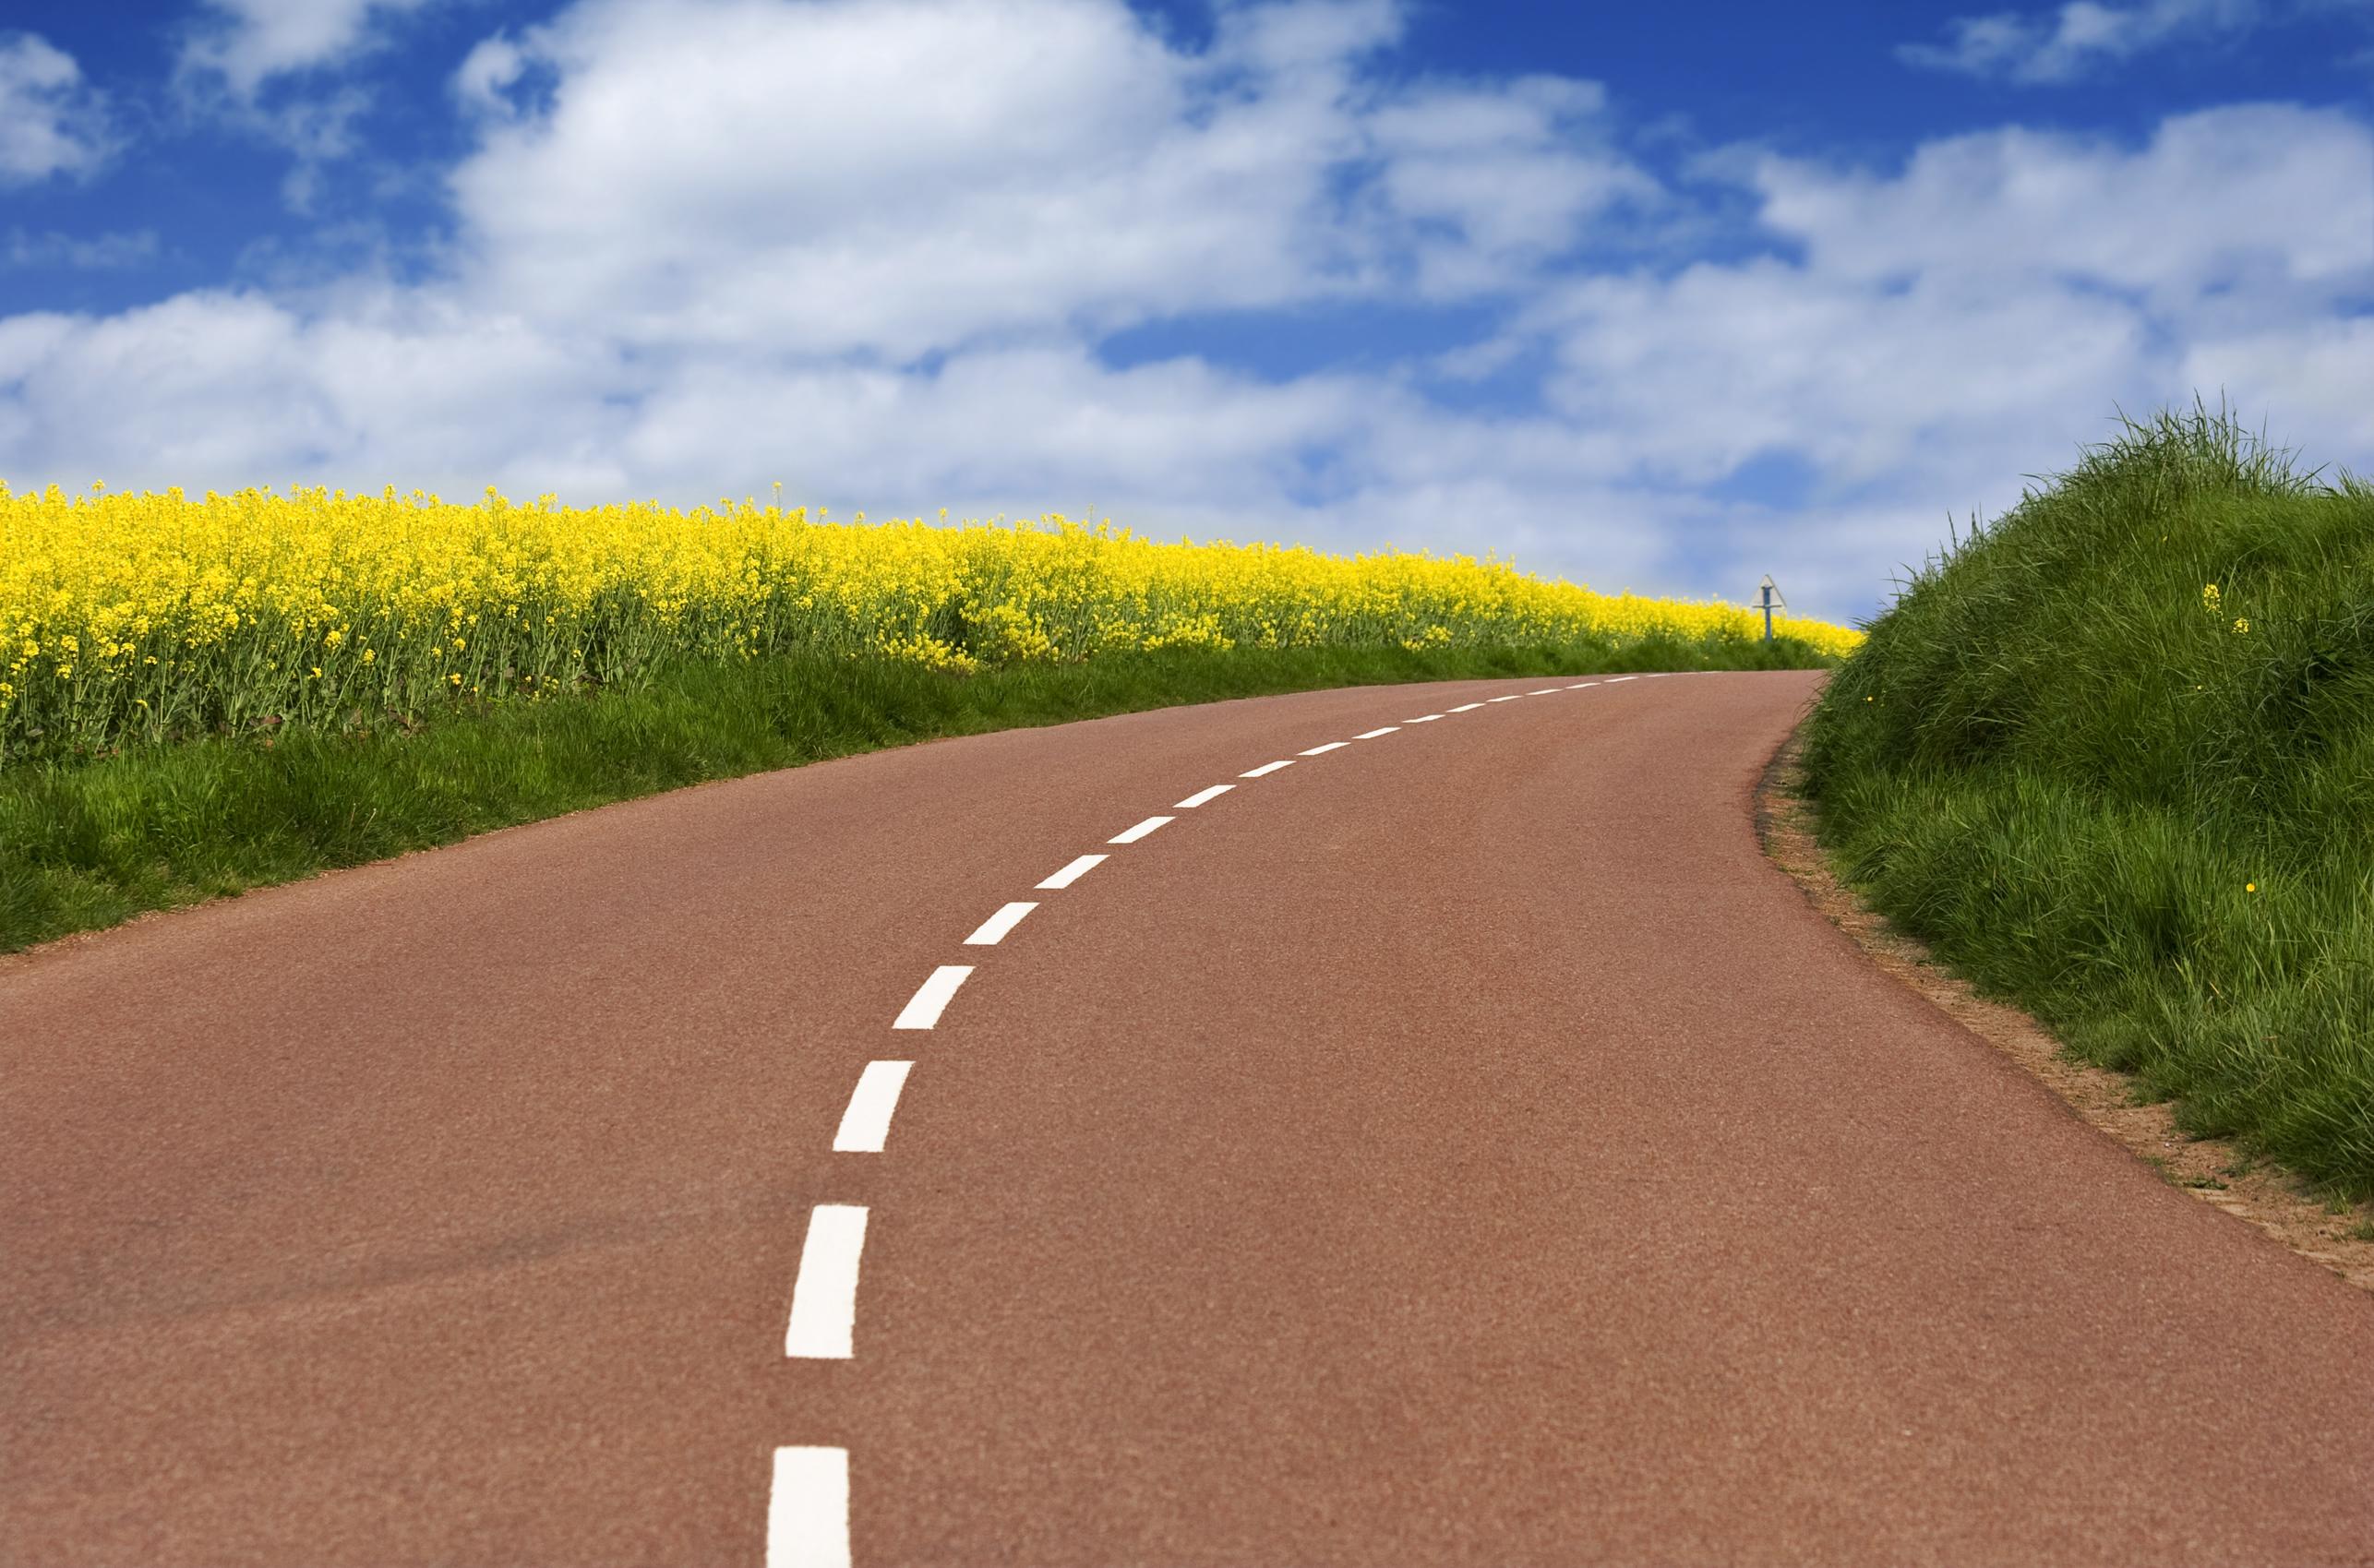 розоватый асфальт, розовая дорога, дорожная разметка, шоссе, скачать фото, обои для рабочего стола